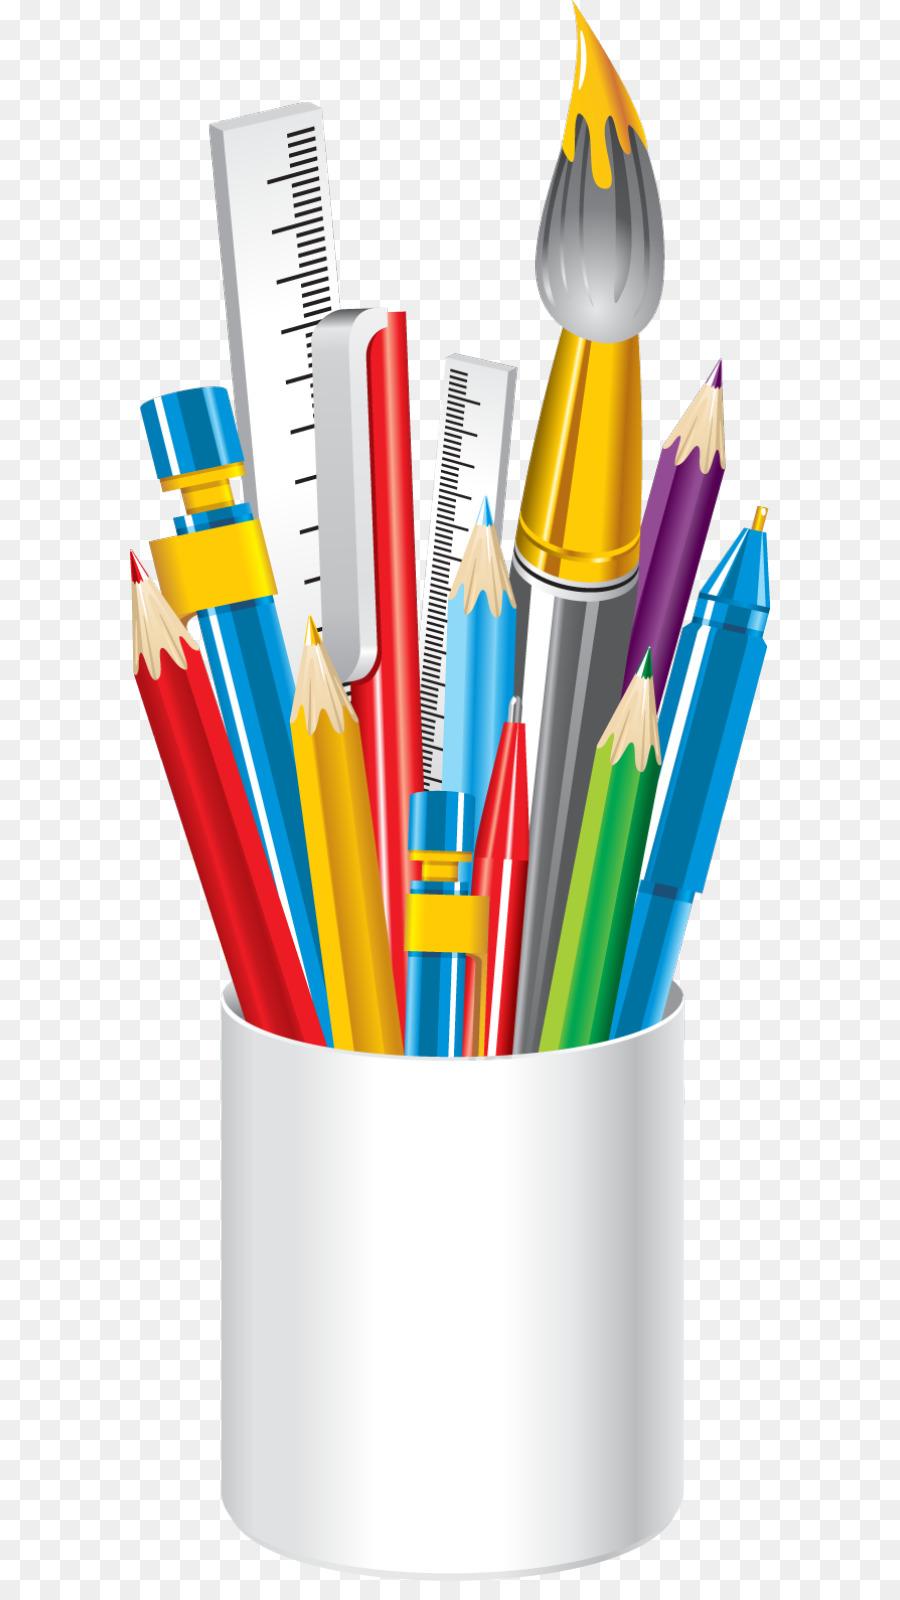 Clipart artist supplies banner Png Of Art Supplies & Free Of Art Supplies.png Transparent Images ... banner